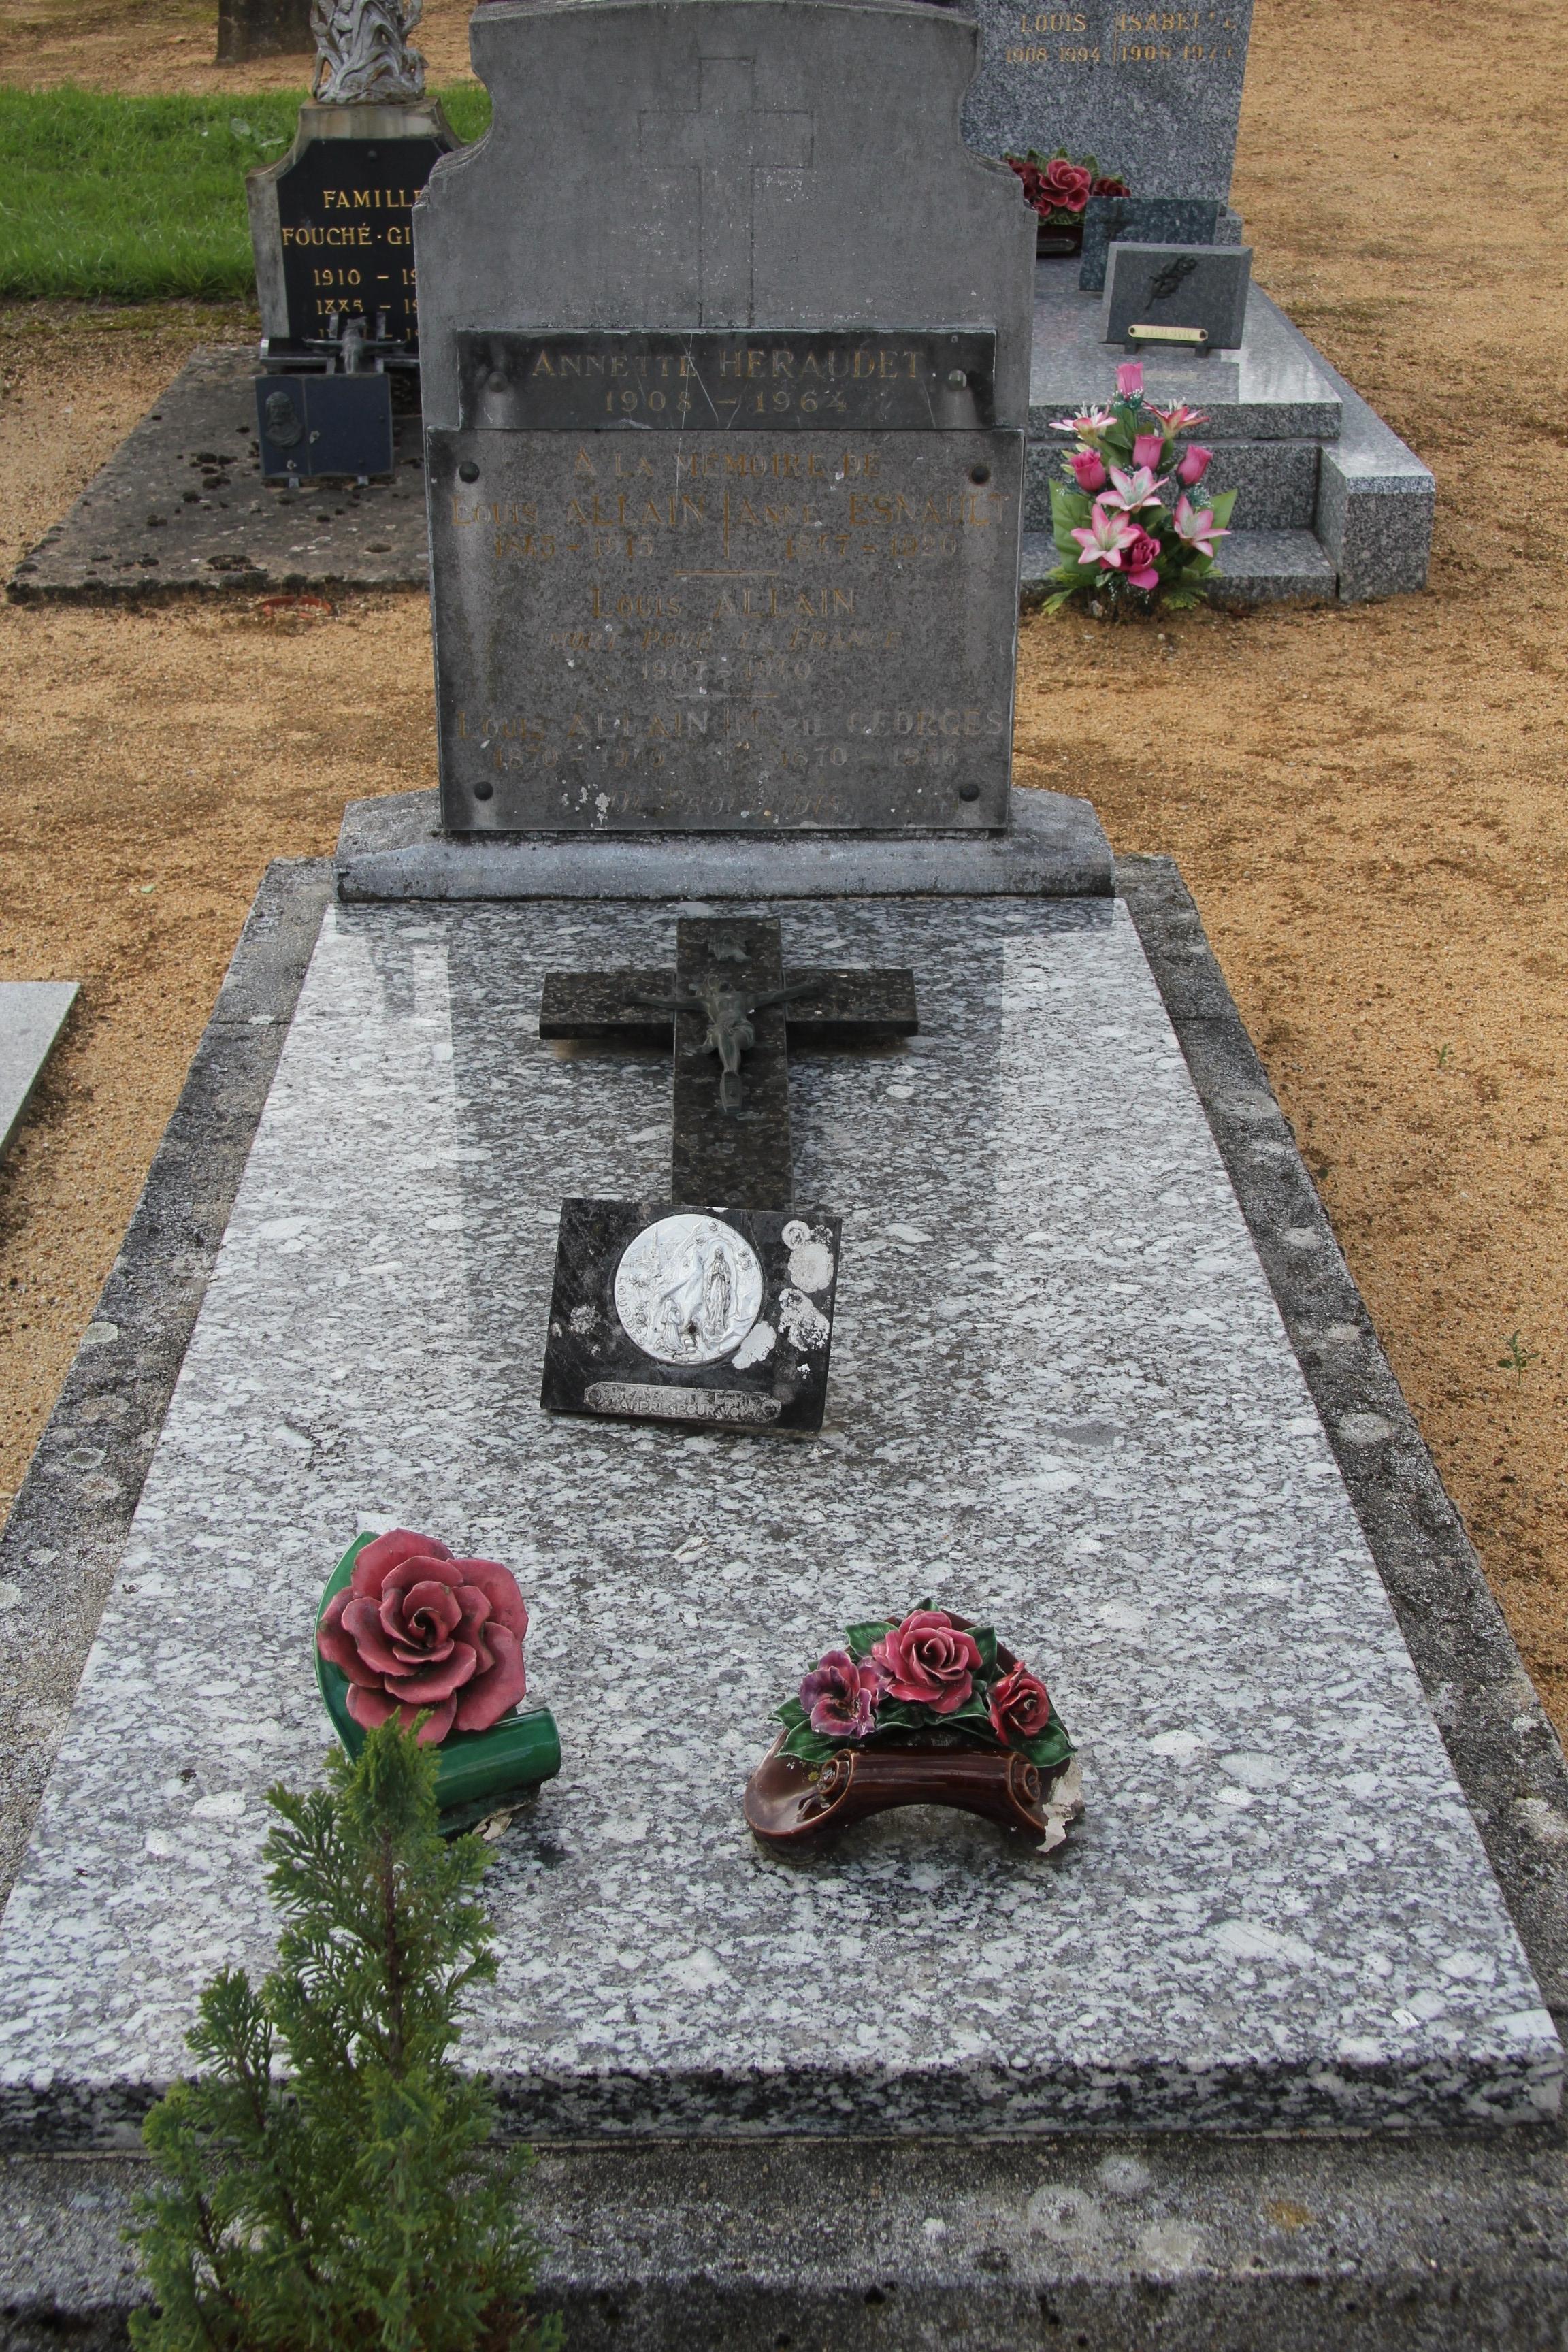 Auvers sous Montfaucon - Cimetière - ALLAIN Louis et ESNAULT Anne - ALLAIN Louis et GEORGES Marie - ALLAIN Louis - HERAUDET Annette 01 (Sylvie Leveau)